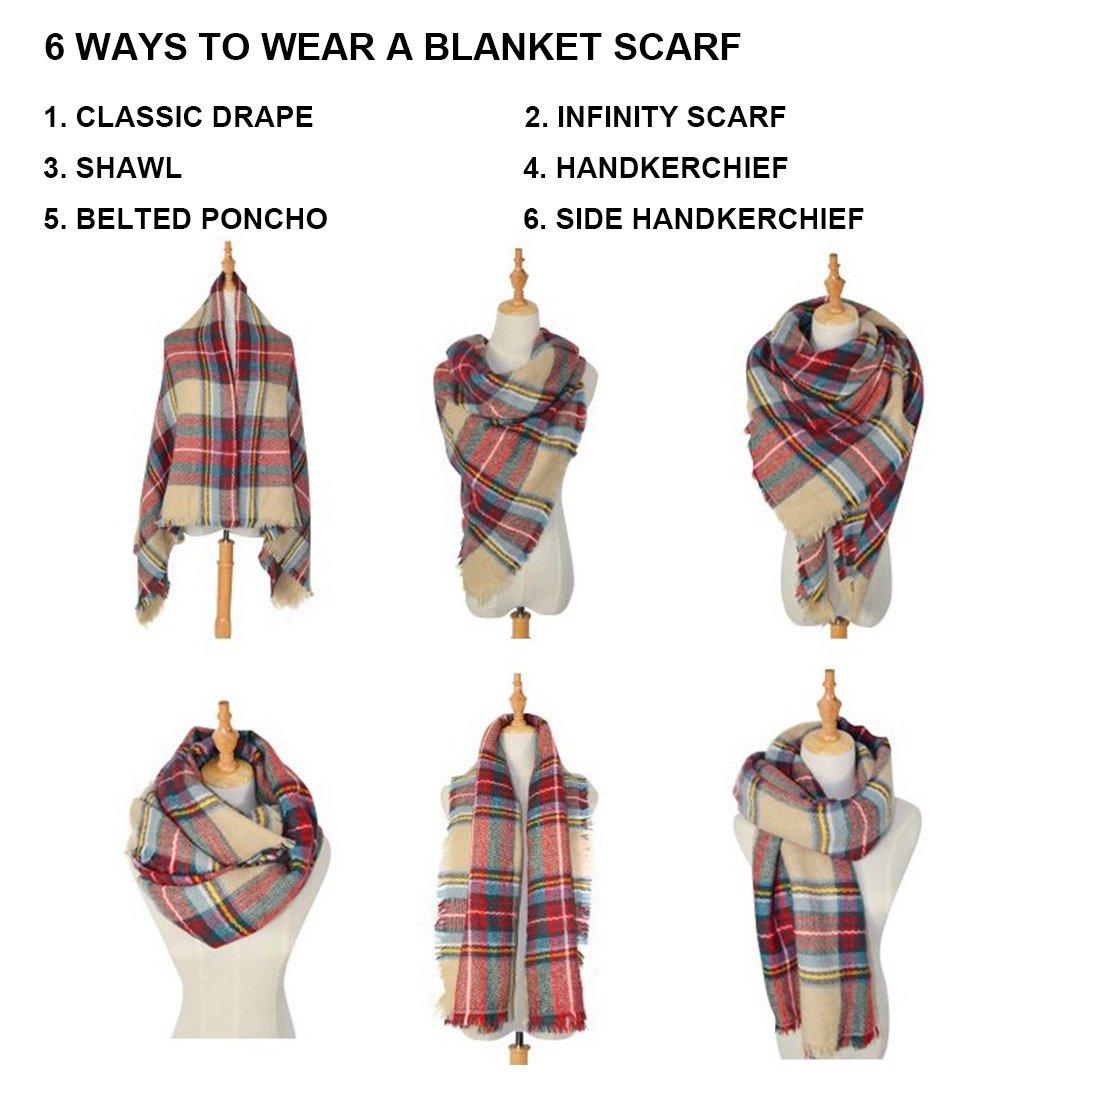 Women's Cozy Tartan Blanket Scarf Wrap Shawl Neck Stole Warm Plaid Checked Pashmina (Cream Color White)